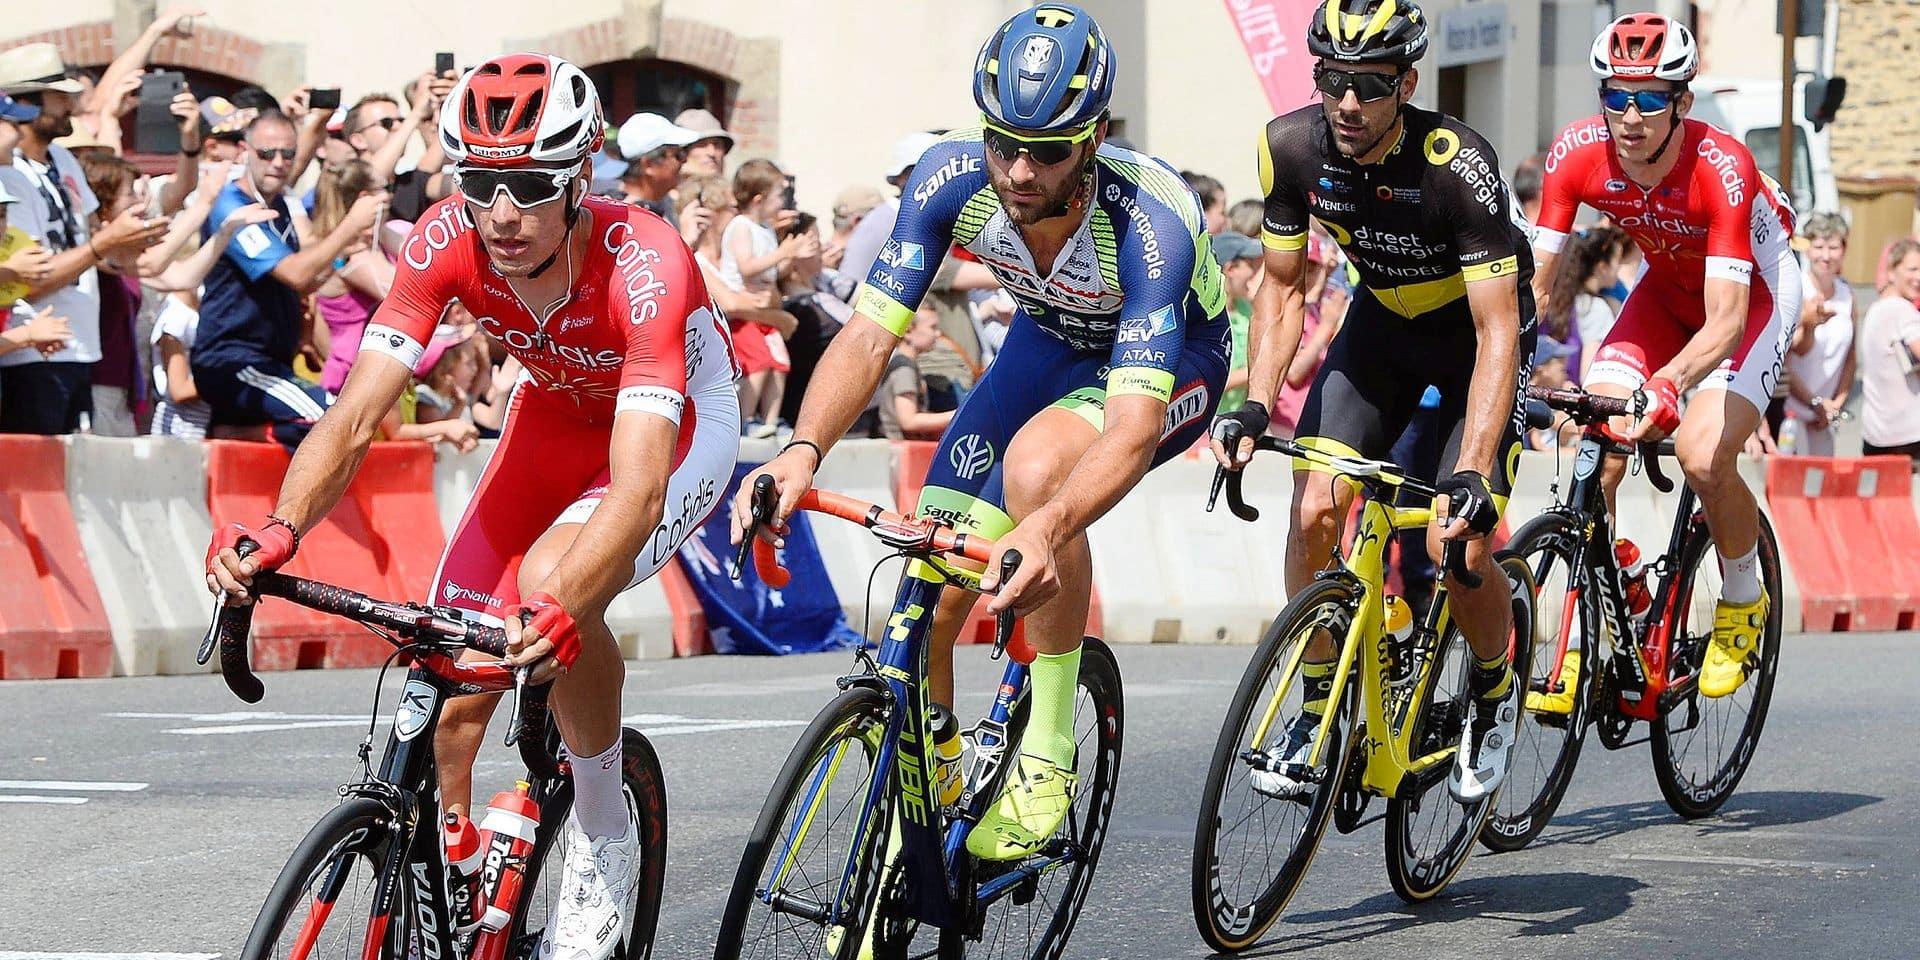 ©PHOTOPQR/OUEST FRANCE &#x3B; Tour de France cycliste 2018 4 ème étape La Baule - Sarzeau l' échappée avec Anthony Pérez (Cofidis), Dimitri Claeys (BEL, Cofidis), Jérôme Cousin (Direct Energie) et Guillaume Van Keriksbulck (Wanty-Groupe Gobert ) - Tour de France 2018 - cycling race takes place from july 7th to 29th 2018. 21 stages - 3 351kms -